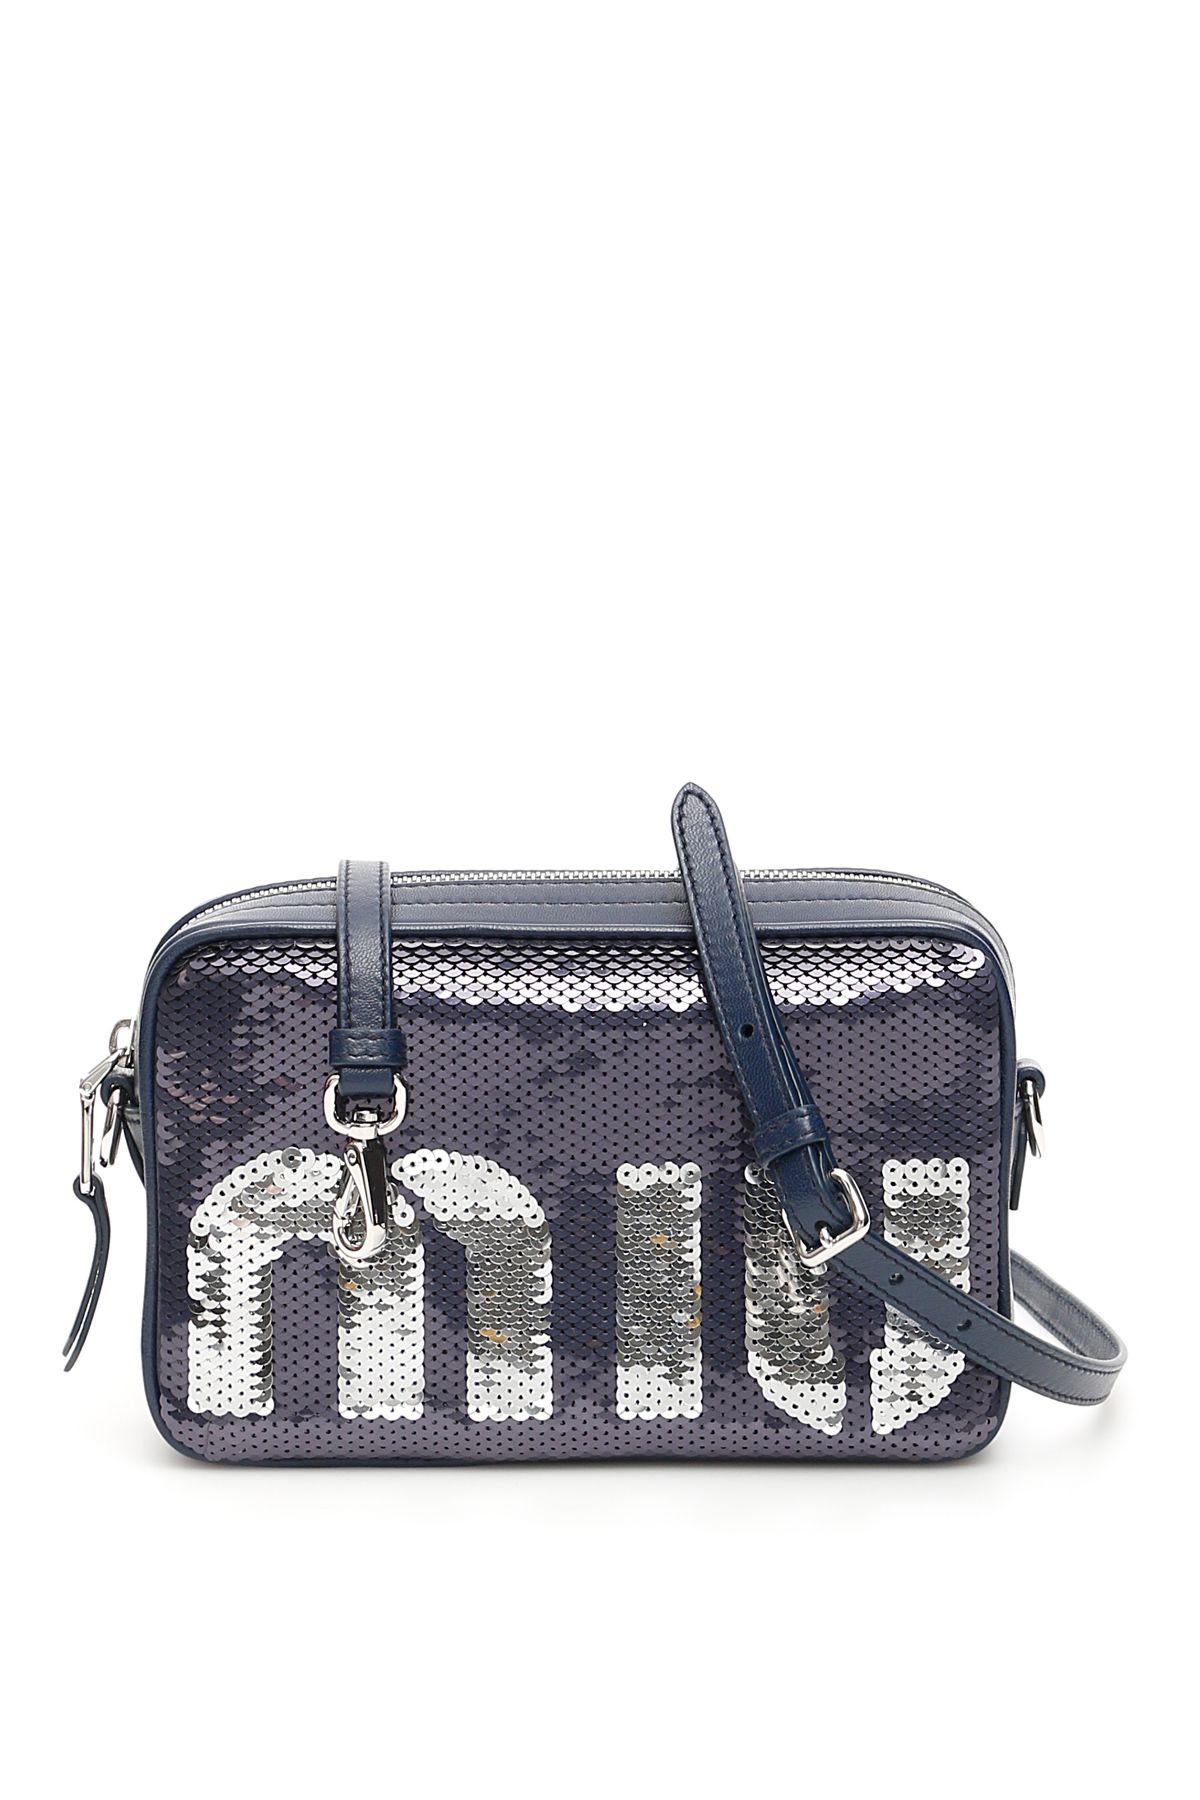 Miu Miu Miu Sequins Bag In Blu Argento Blu   ModeSens a5235008c6